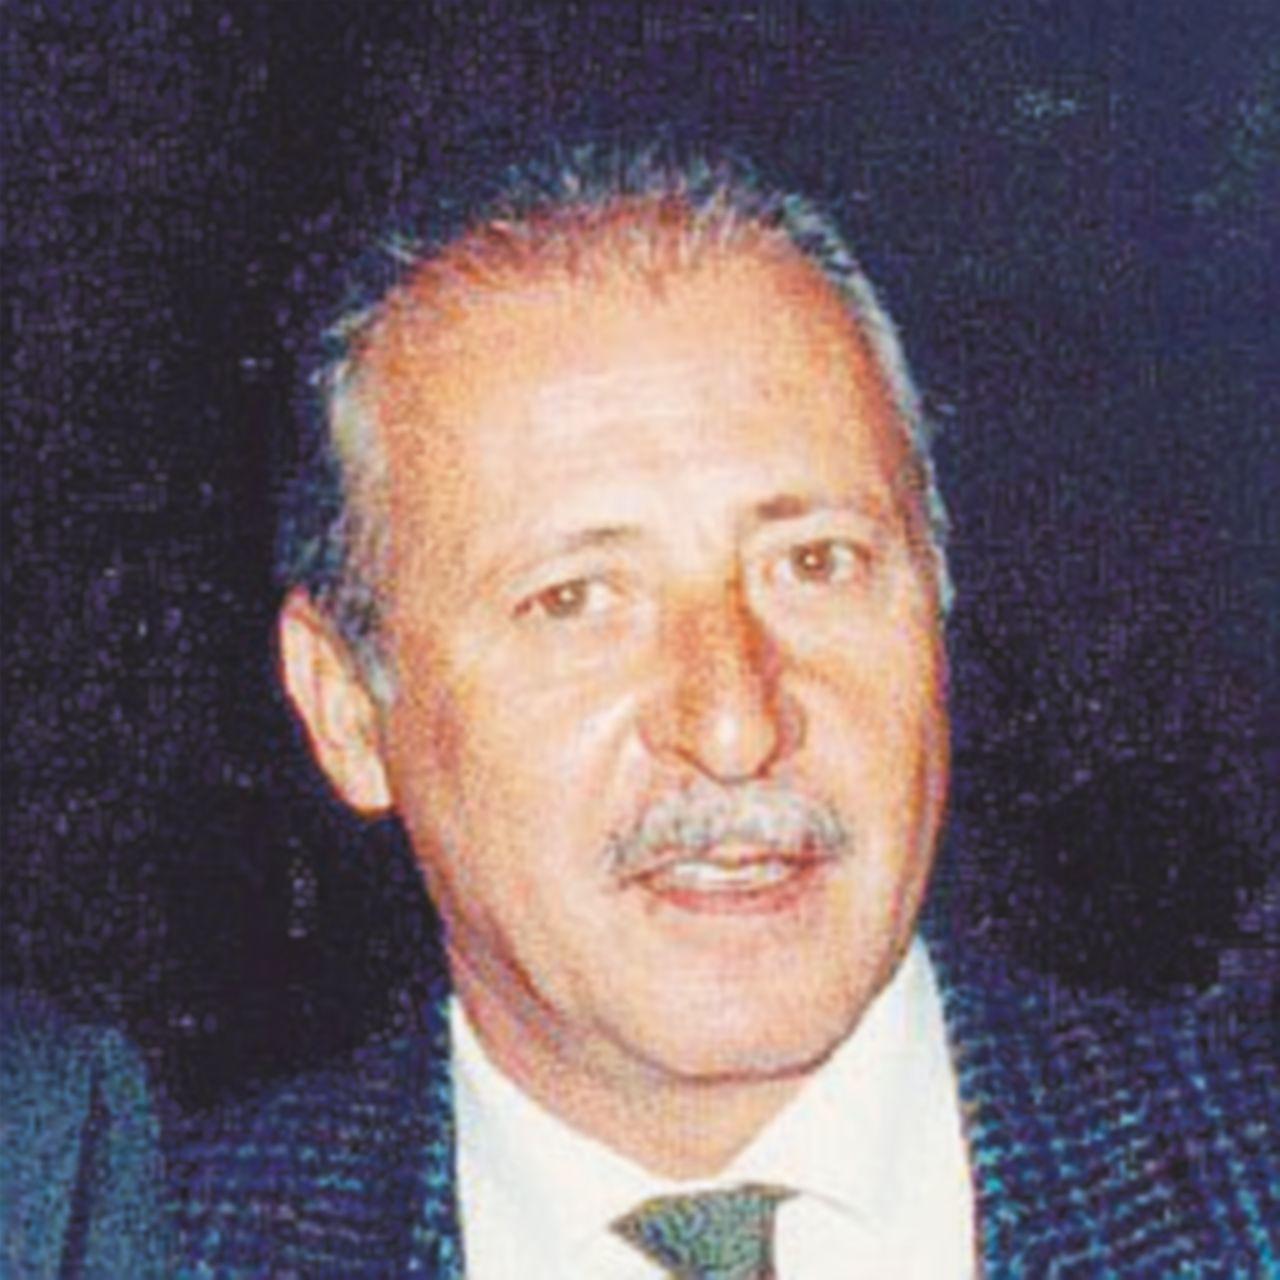 Borsellino e la Trattativa, il pm frena: manca la prova